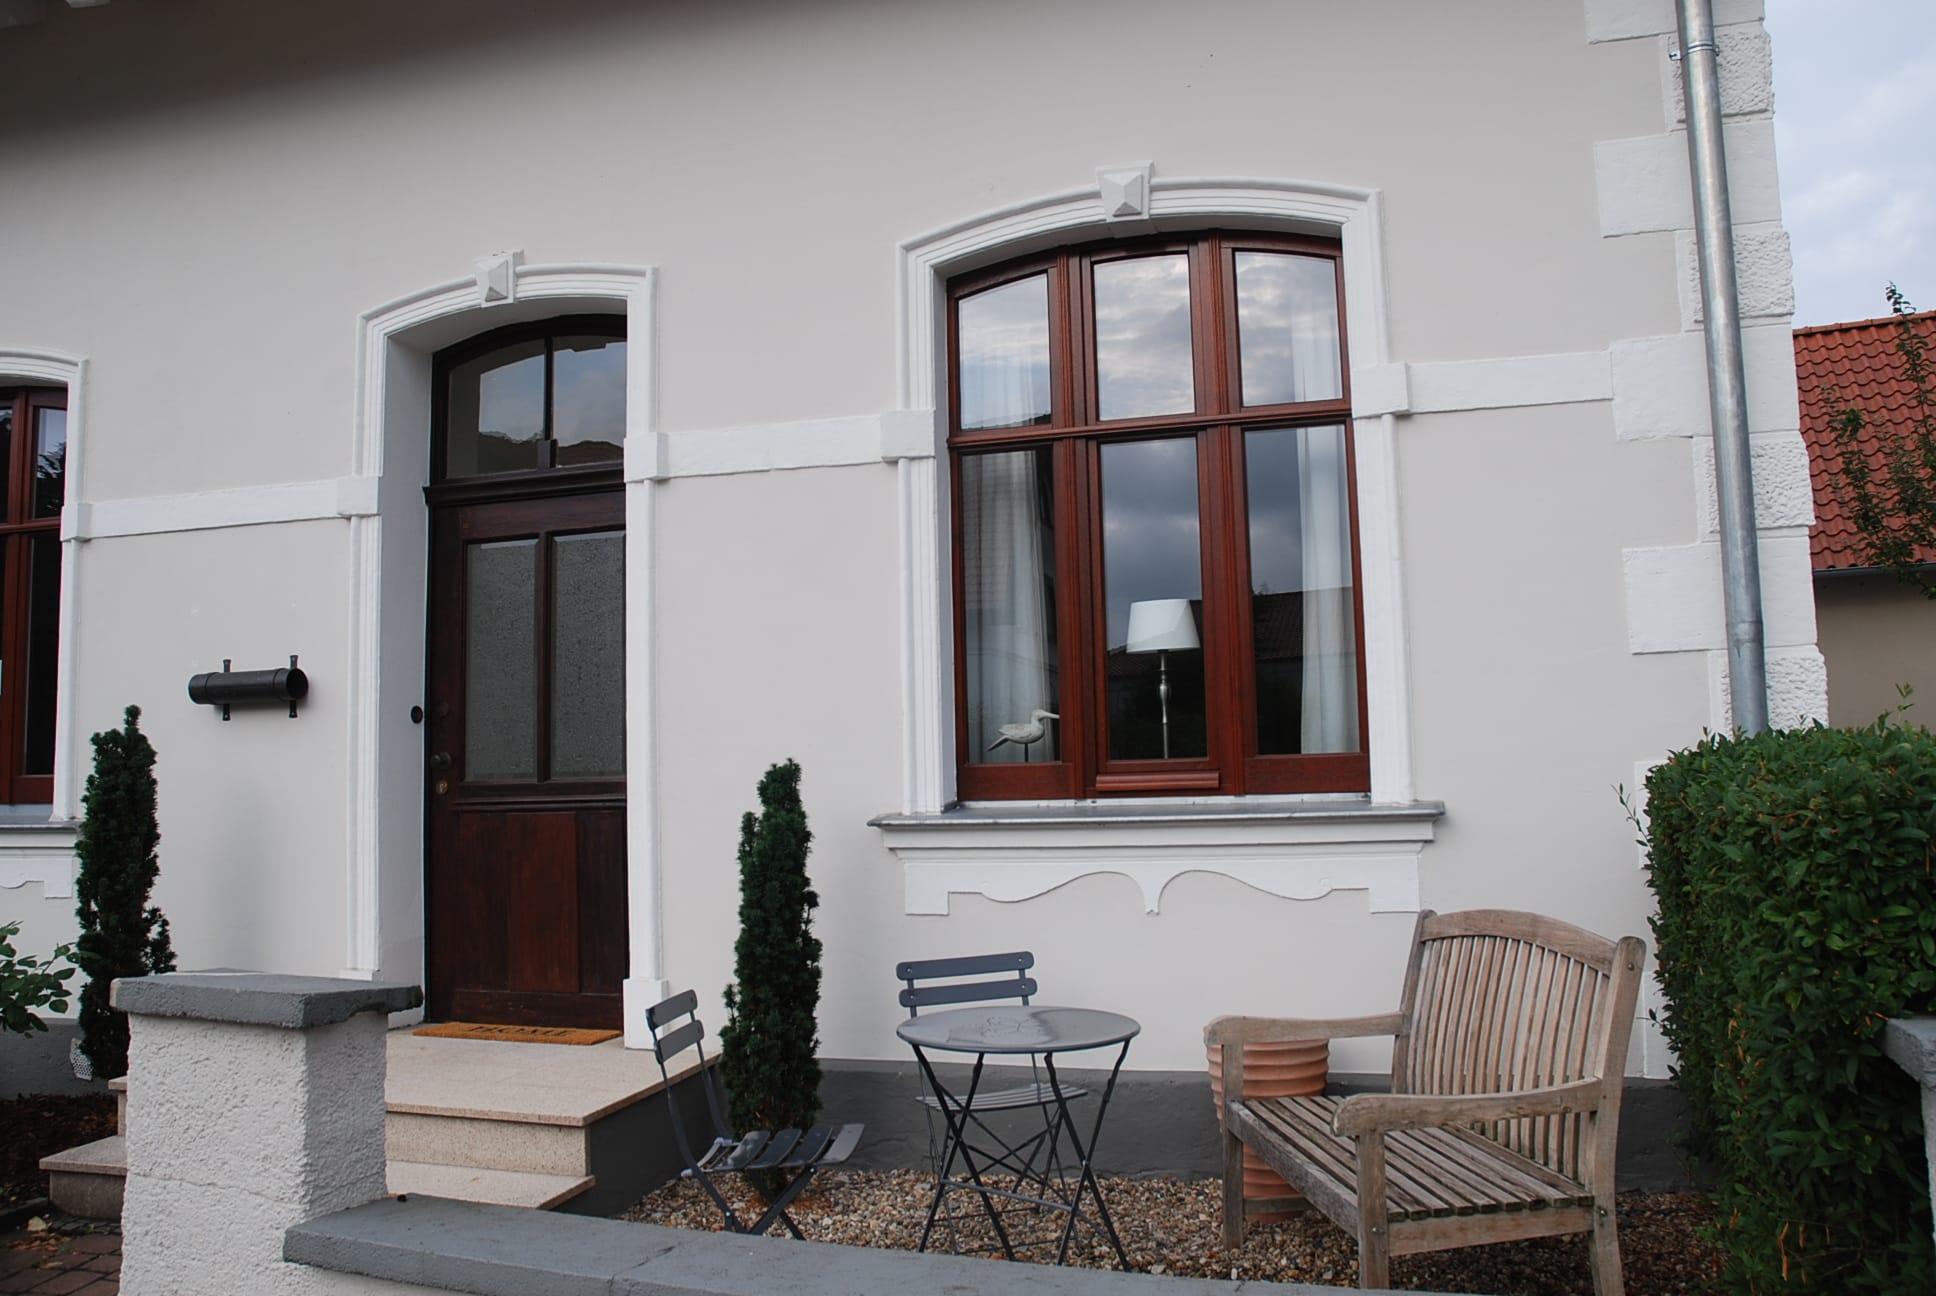 weitzel-boardinghouse-appart-muehlenstrasse-eg-08